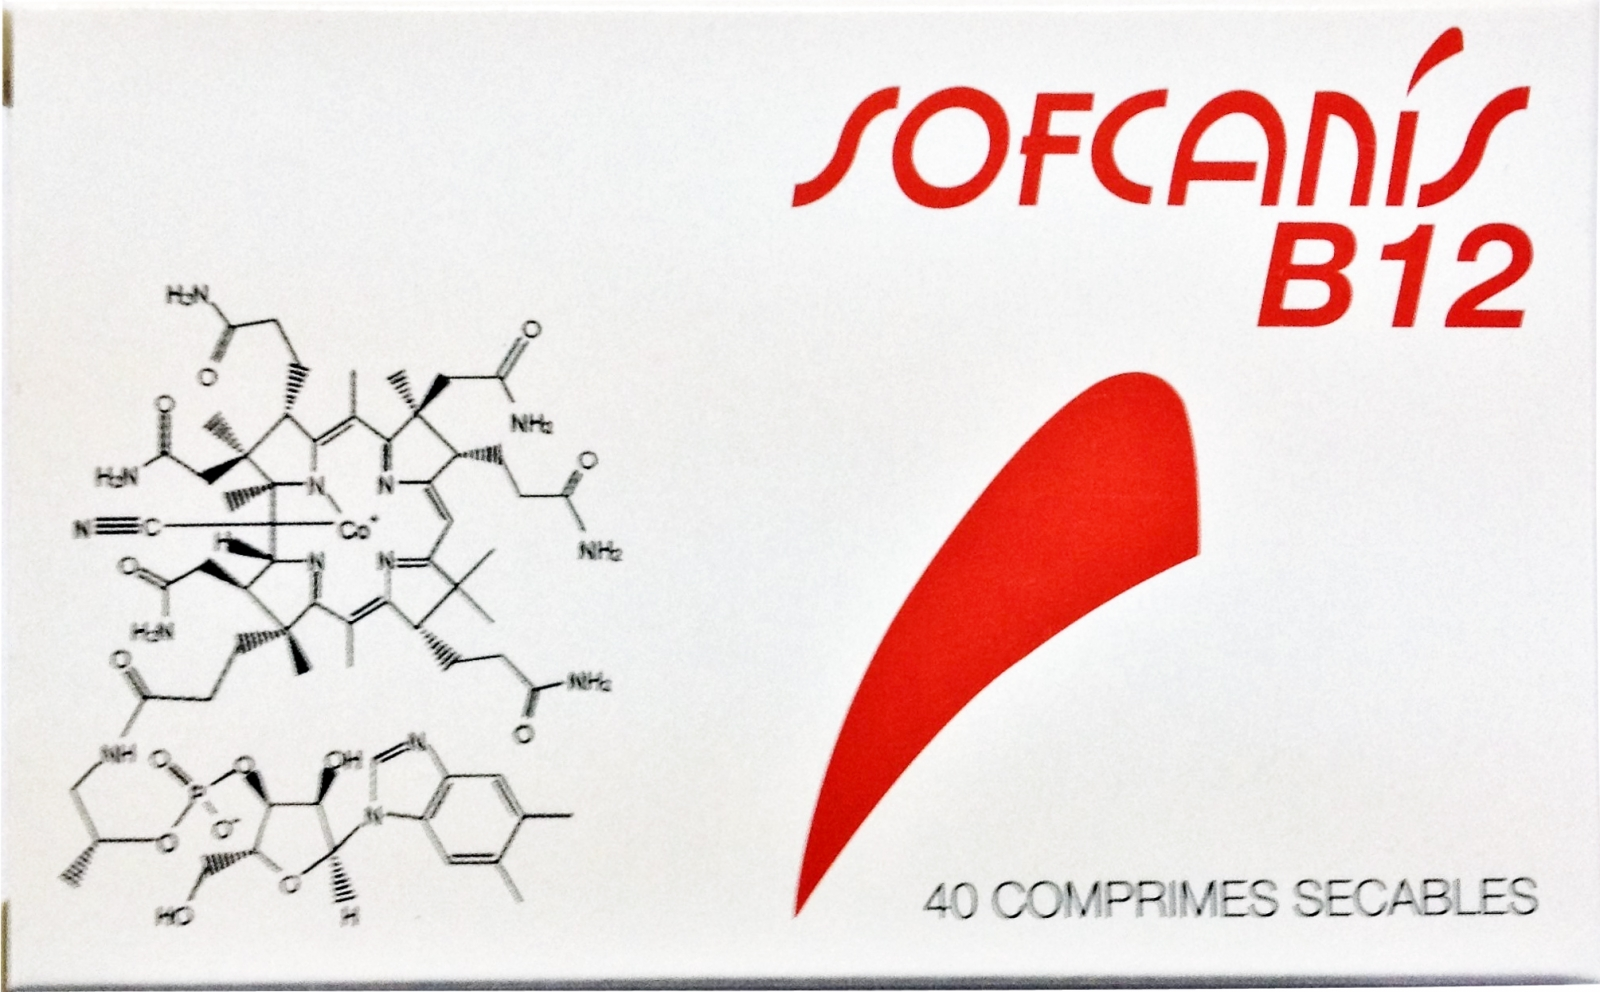 Sofcanis B12, 40 comprimate